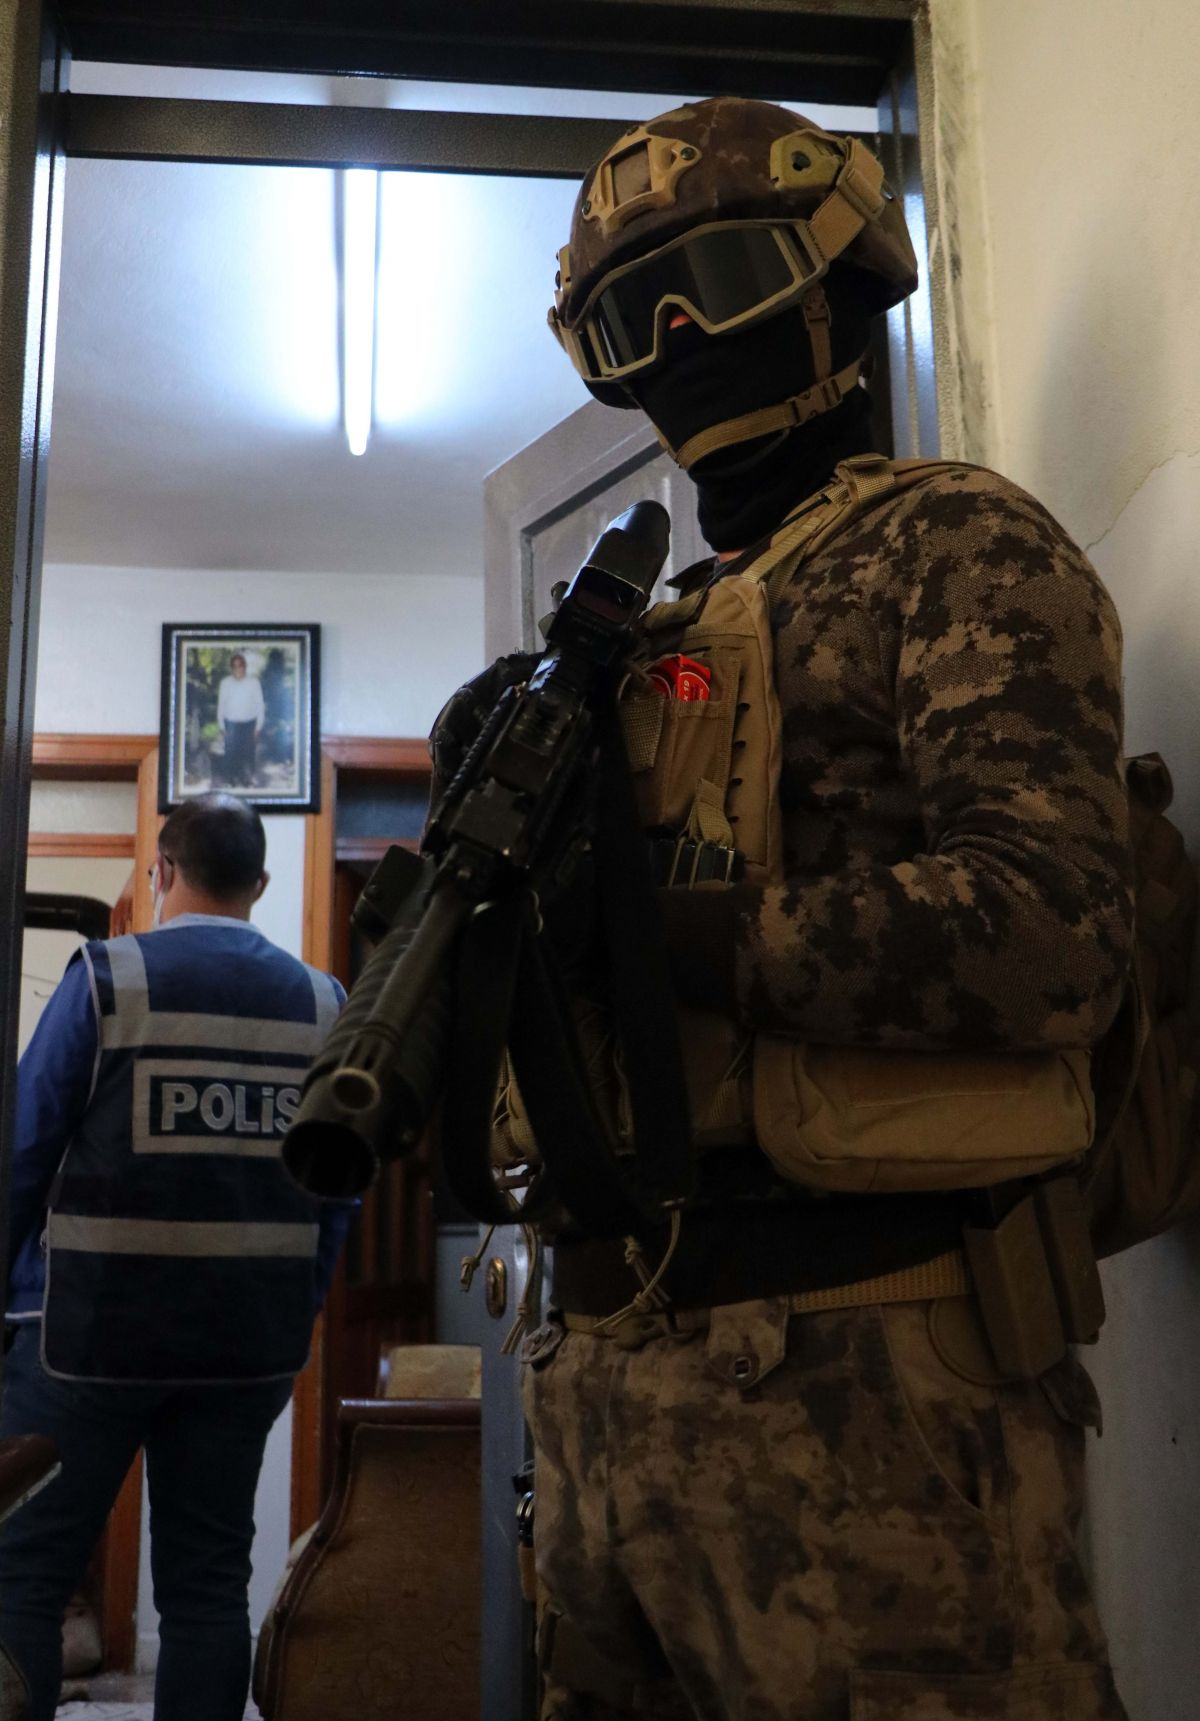 Gaziantep'te 950 polis, uyuşturucu operasyonuna katıldı: 29 gözaltı #4